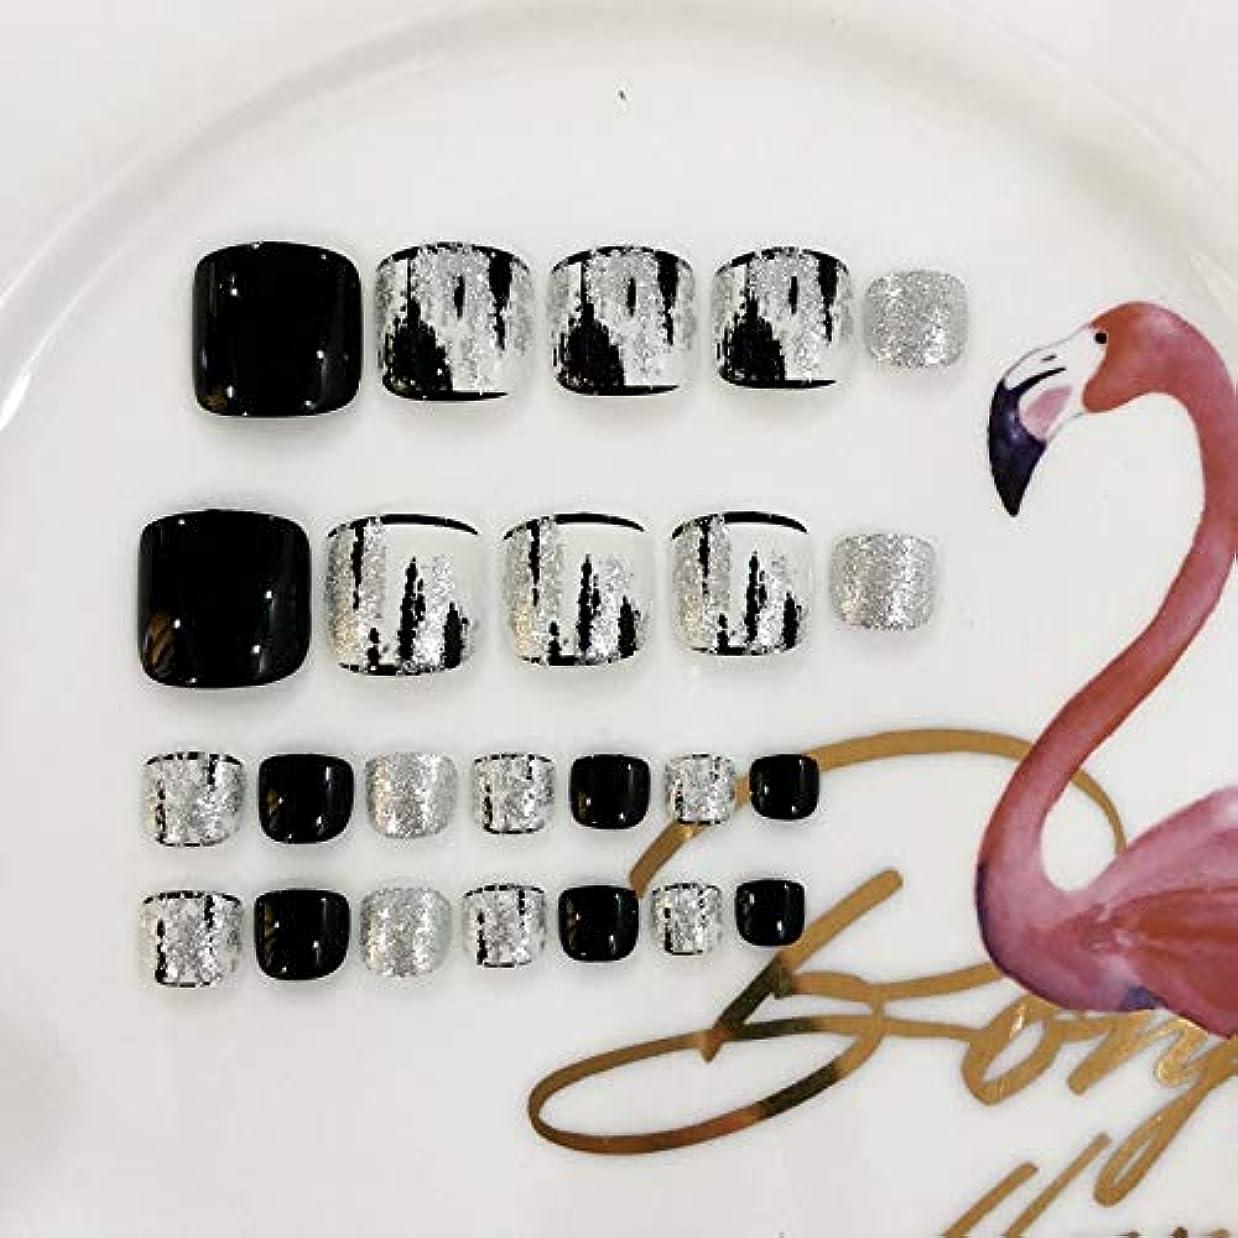 バーススペクトラム遮るAFAEF HOME ブラックシルバー耐久性のある防水偽爪キット24個の偽爪、接着剤付き